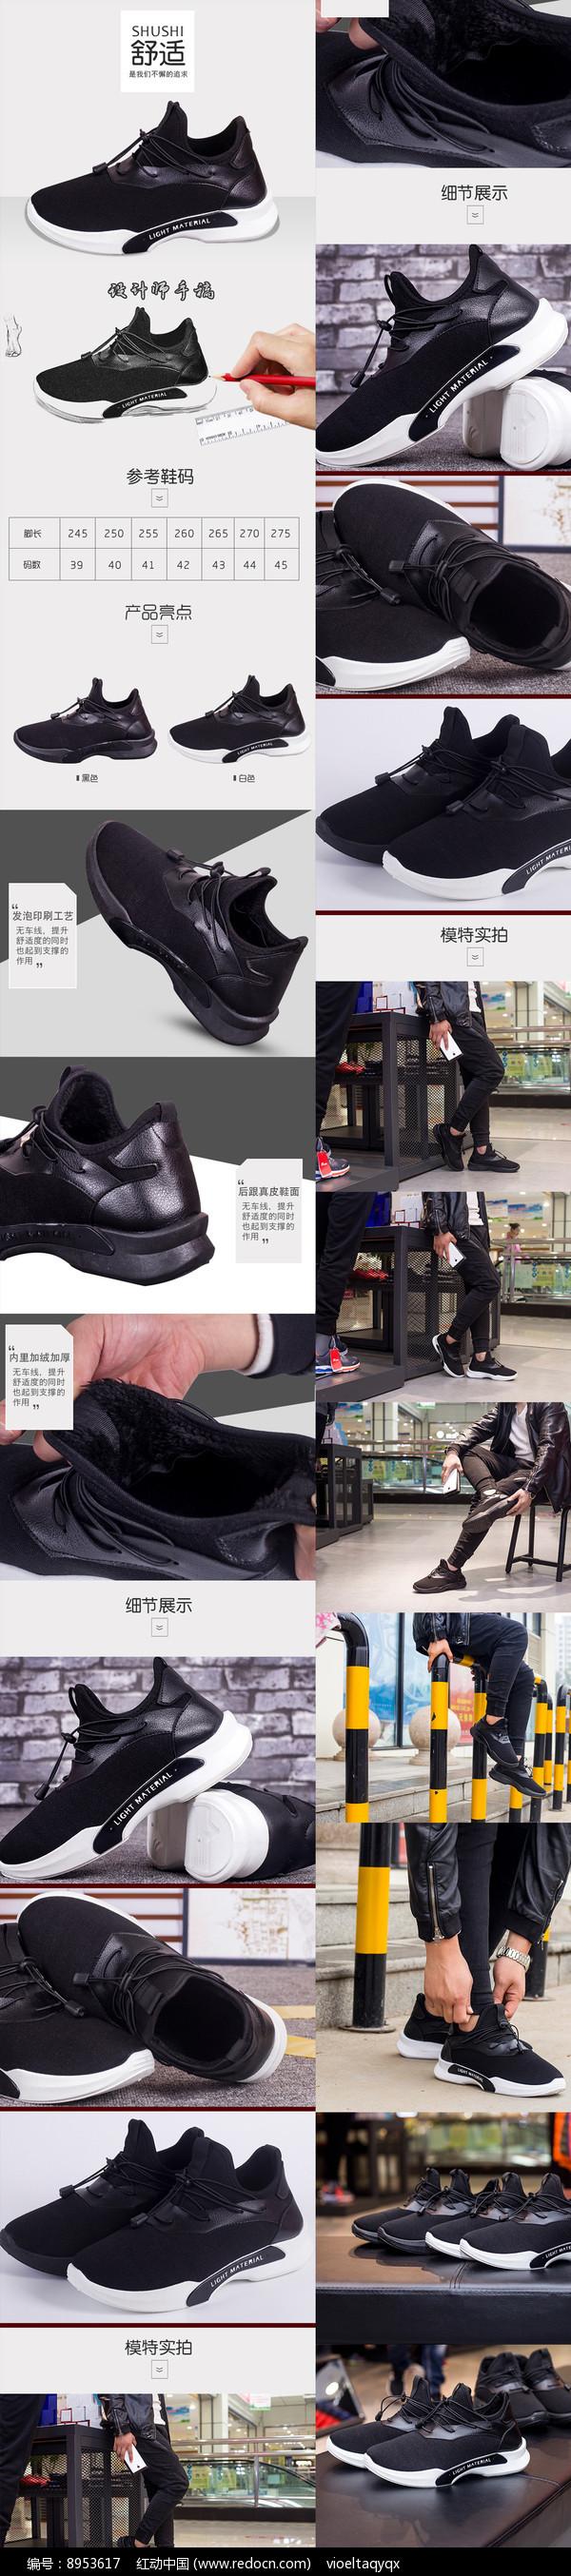 淘宝男鞋详情页模版描述页